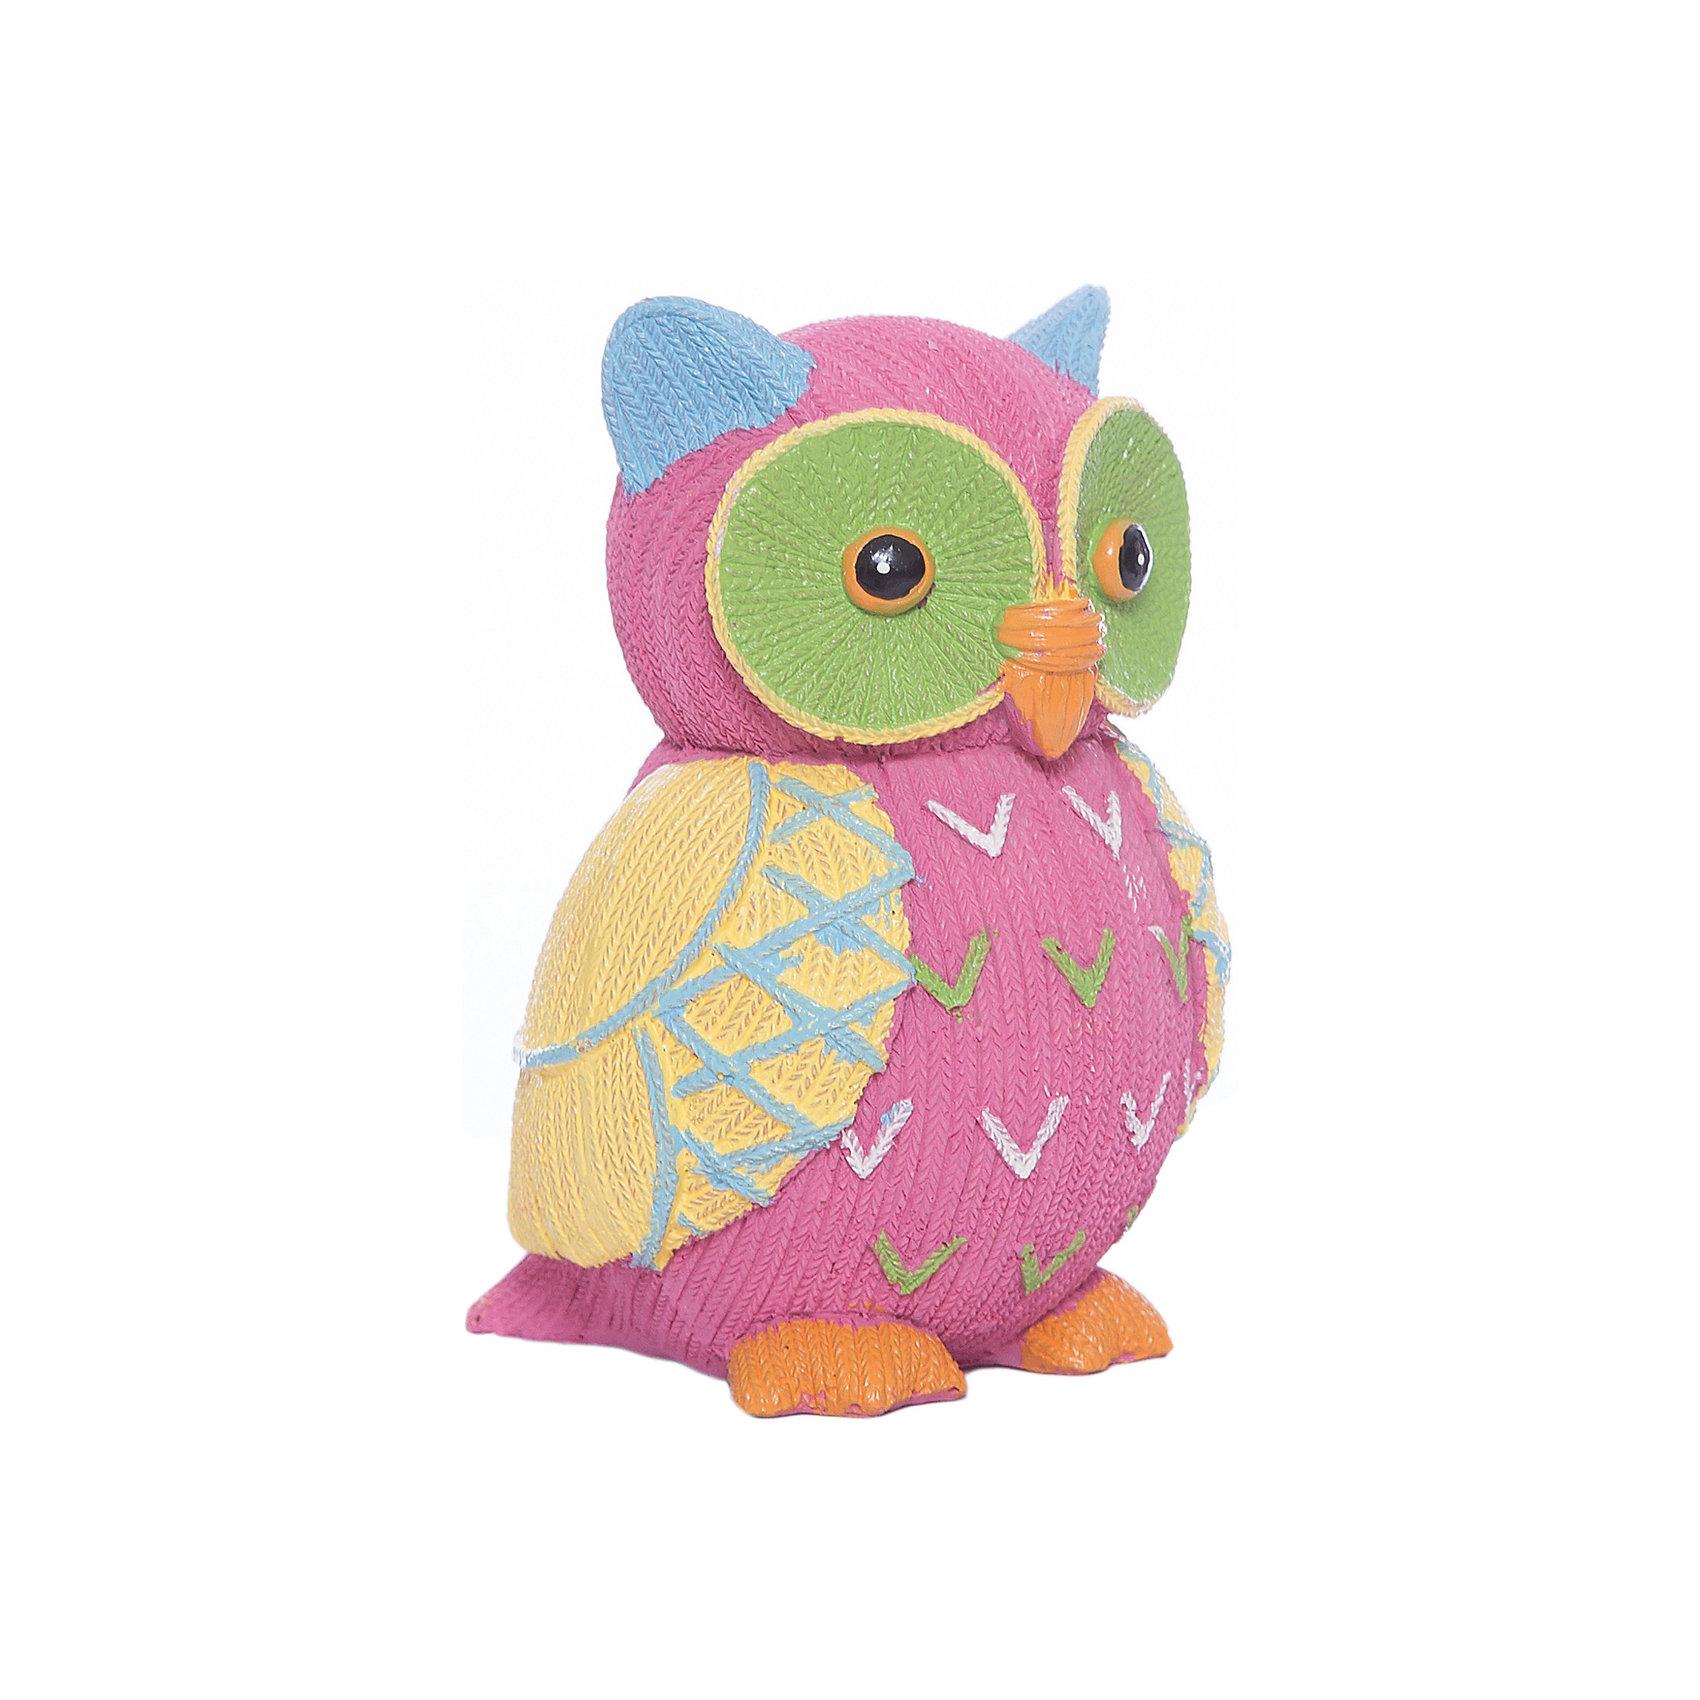 Розовая копилка СоваНовинки для детской<br>Розовая копилка Сова выполнена из полирезины с рельефом, напоминающим вязание. Яркая копилка станет прекрасным подарком на любой праздник. <br><br>Дополнительная информация:<br><br>- Материал: полирезина.<br>- Размер: 9,5х8,5х13,5 см.<br>- Цвет: розовый. <br>- На дне расположен клапан, через который можно достать деньги. <br><br>Розовую копилку Сова можно купить в нашем магазине.<br><br>Ширина мм: 100<br>Глубина мм: 140<br>Высота мм: 140<br>Вес г: 208<br>Возраст от месяцев: 36<br>Возраст до месяцев: 2147483647<br>Пол: Унисекс<br>Возраст: Детский<br>SKU: 4290304